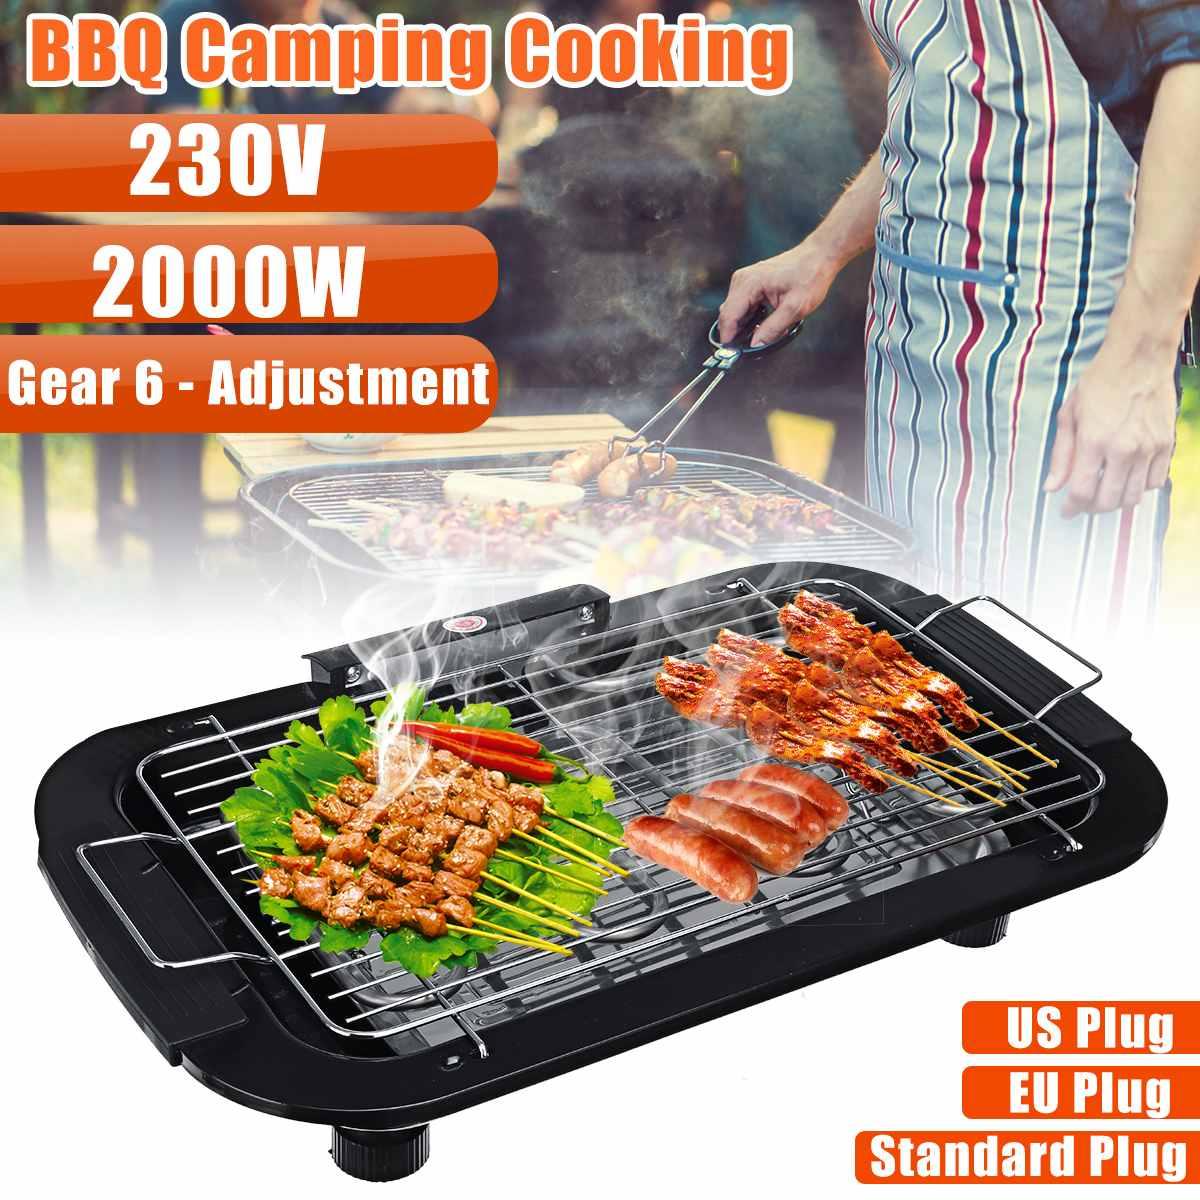 Портативная Бездымная электрическая сковорода 230 В, гриль для барбекю, электрическая сковорода для барбекю, 6 режимов температуры для дома и кемпинга|Электрические грили и сковороды|   | АлиЭкспресс